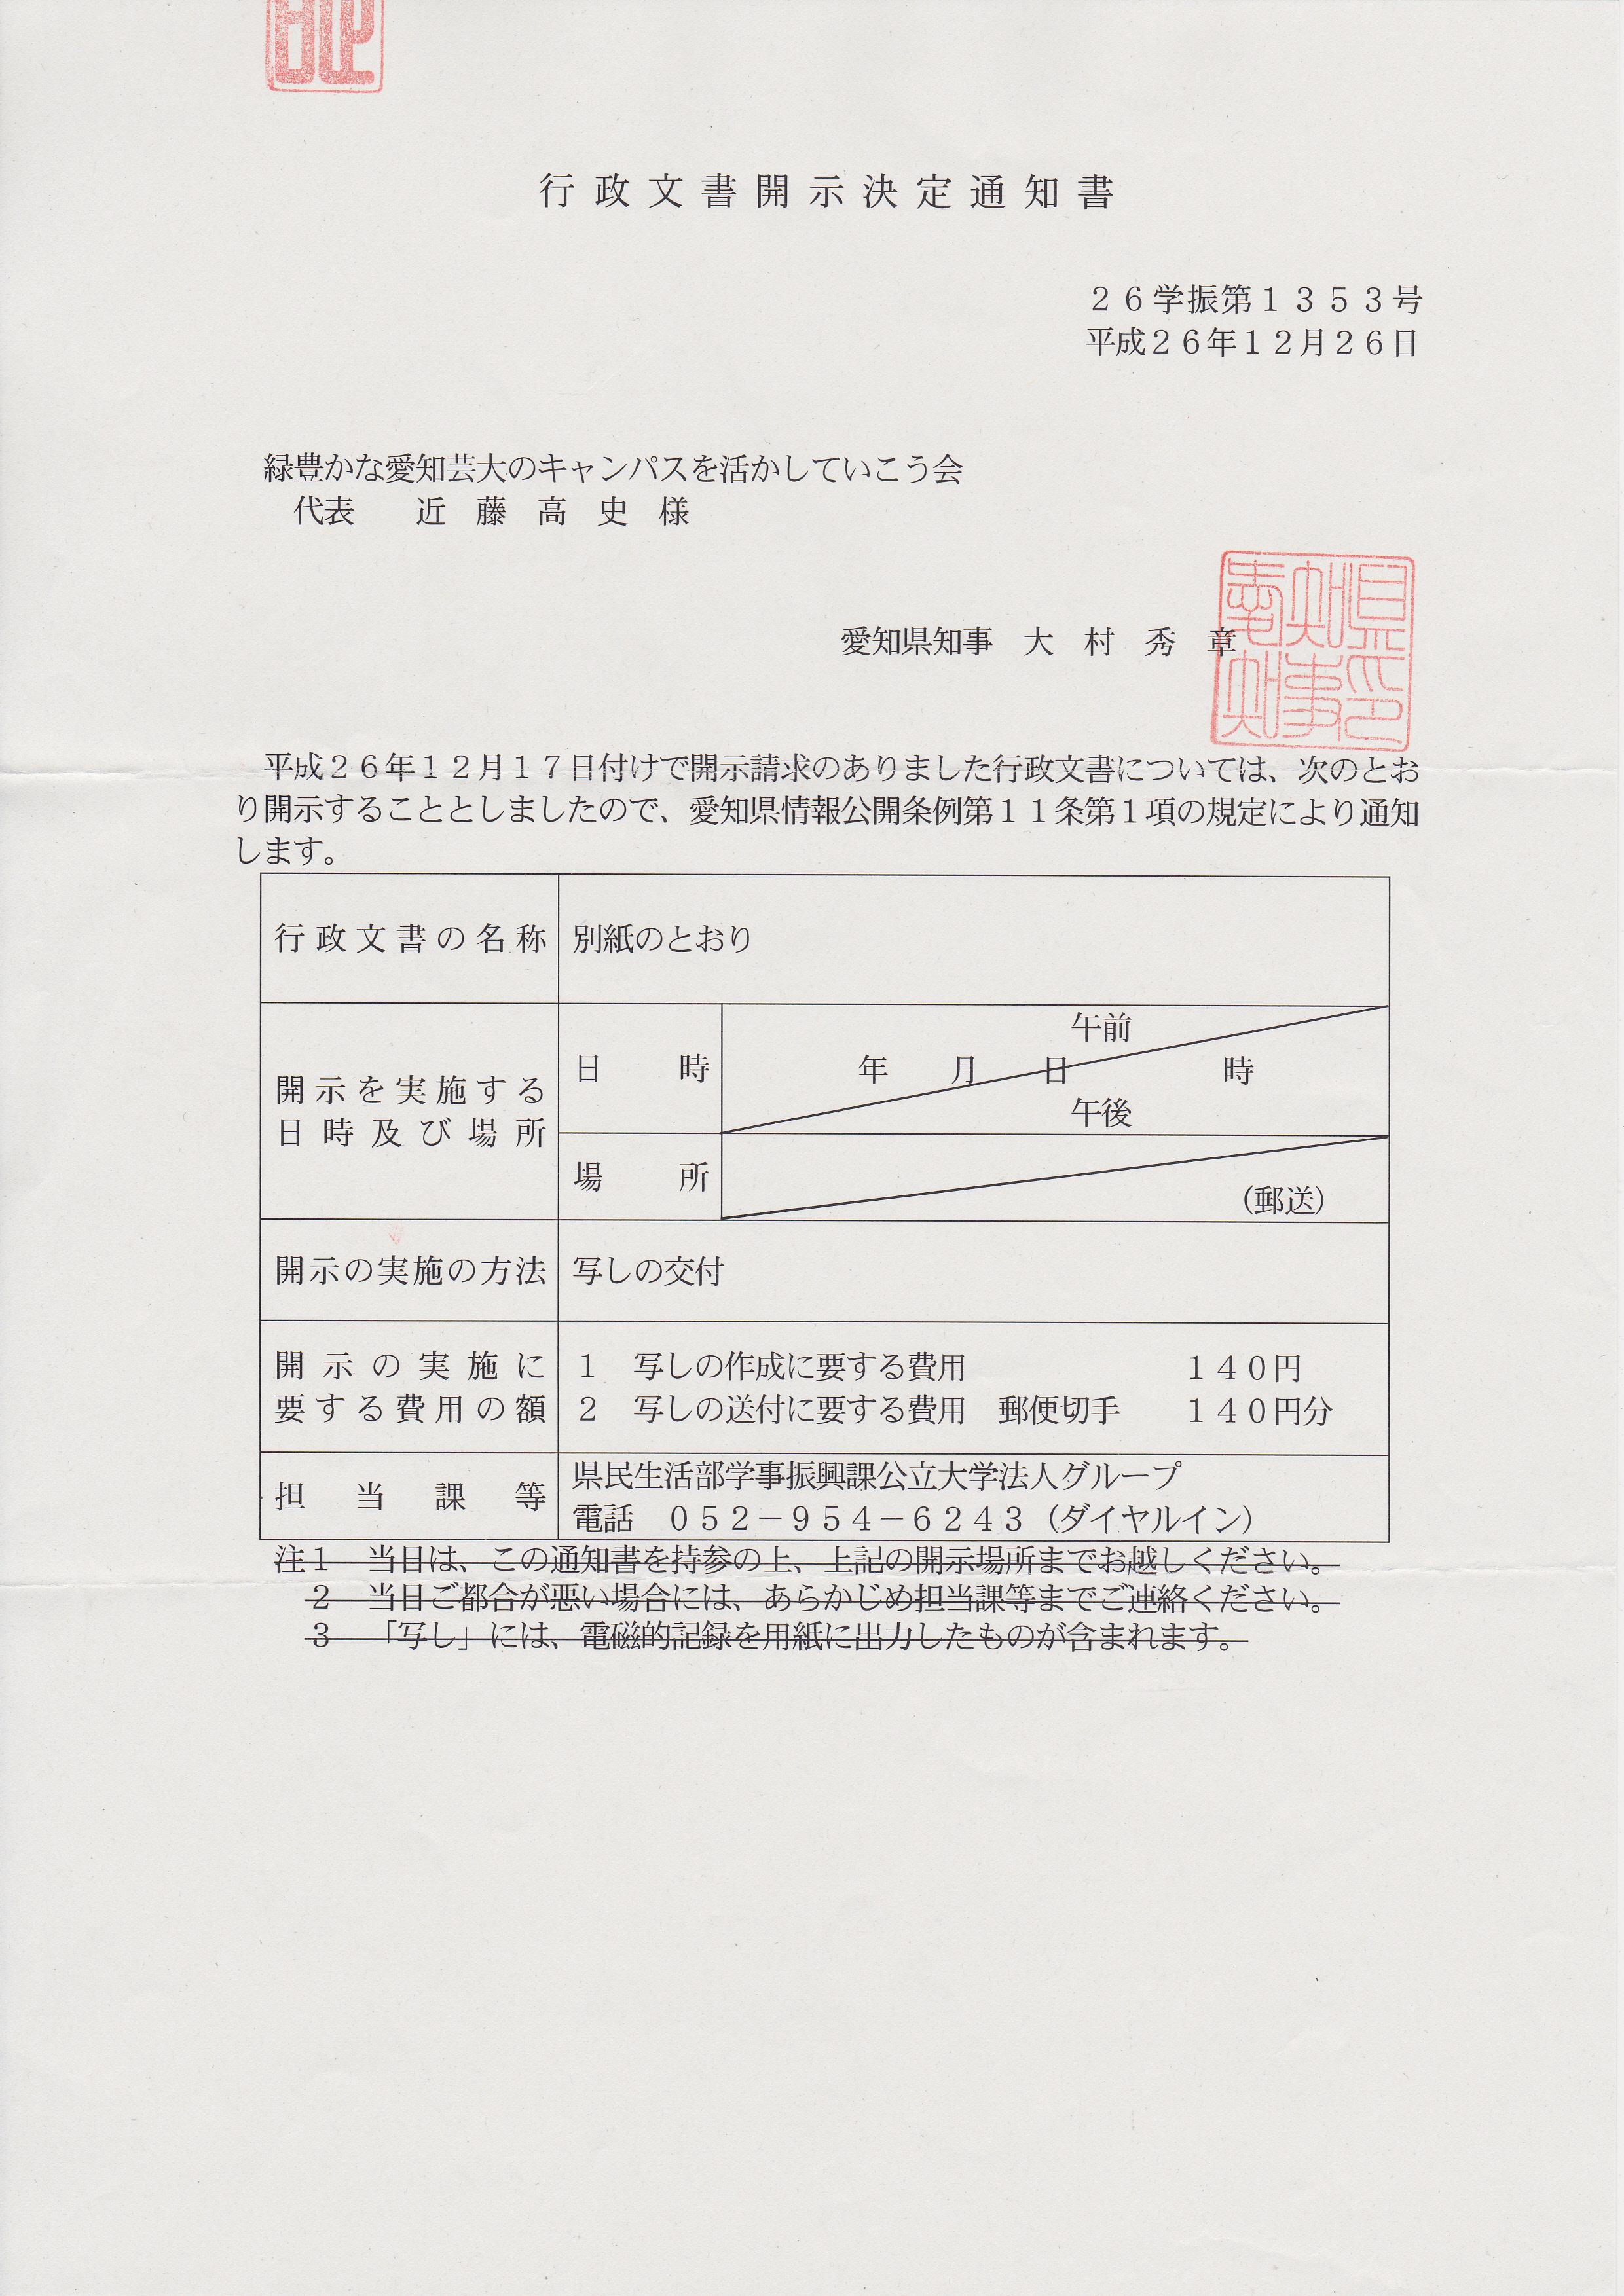 愛芸20141226 その1 (1)